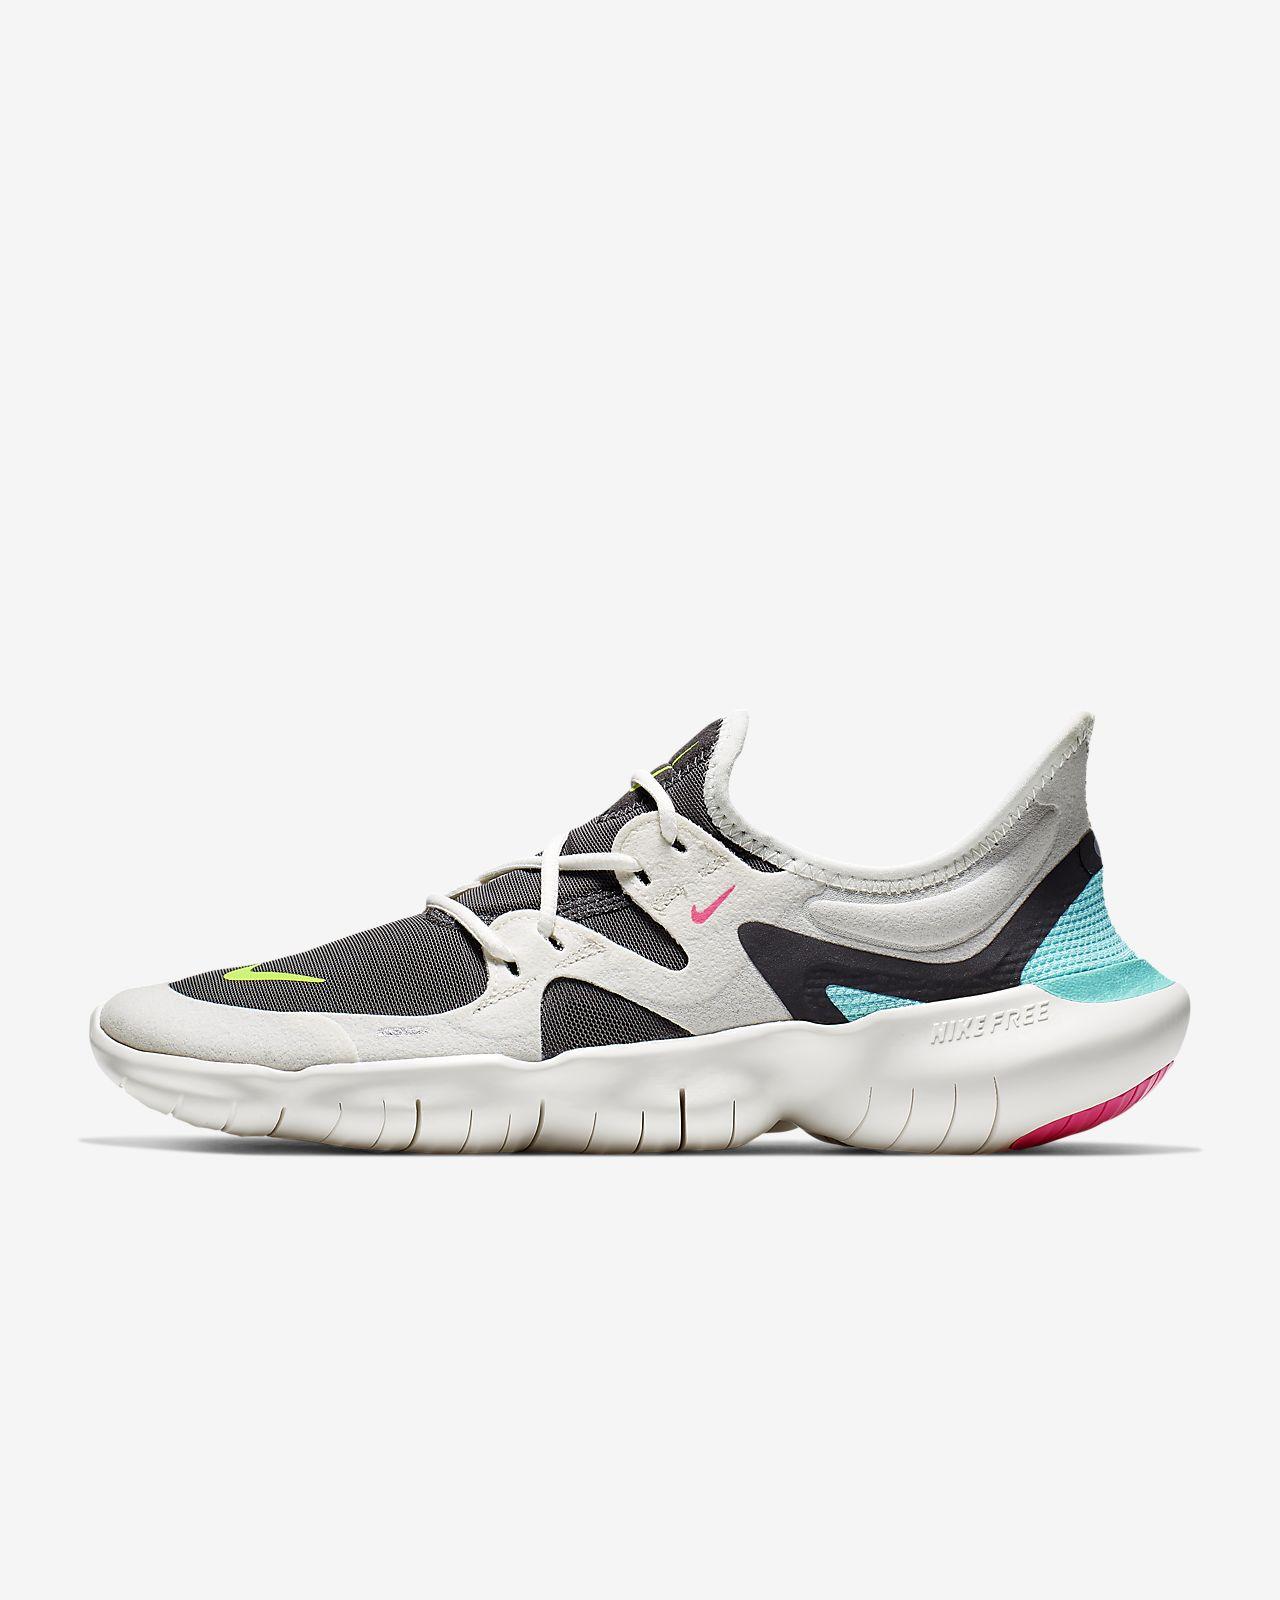 39cf3d72f44 Calzado de running para mujer Nike Free RN 5.0. Nike.com MX